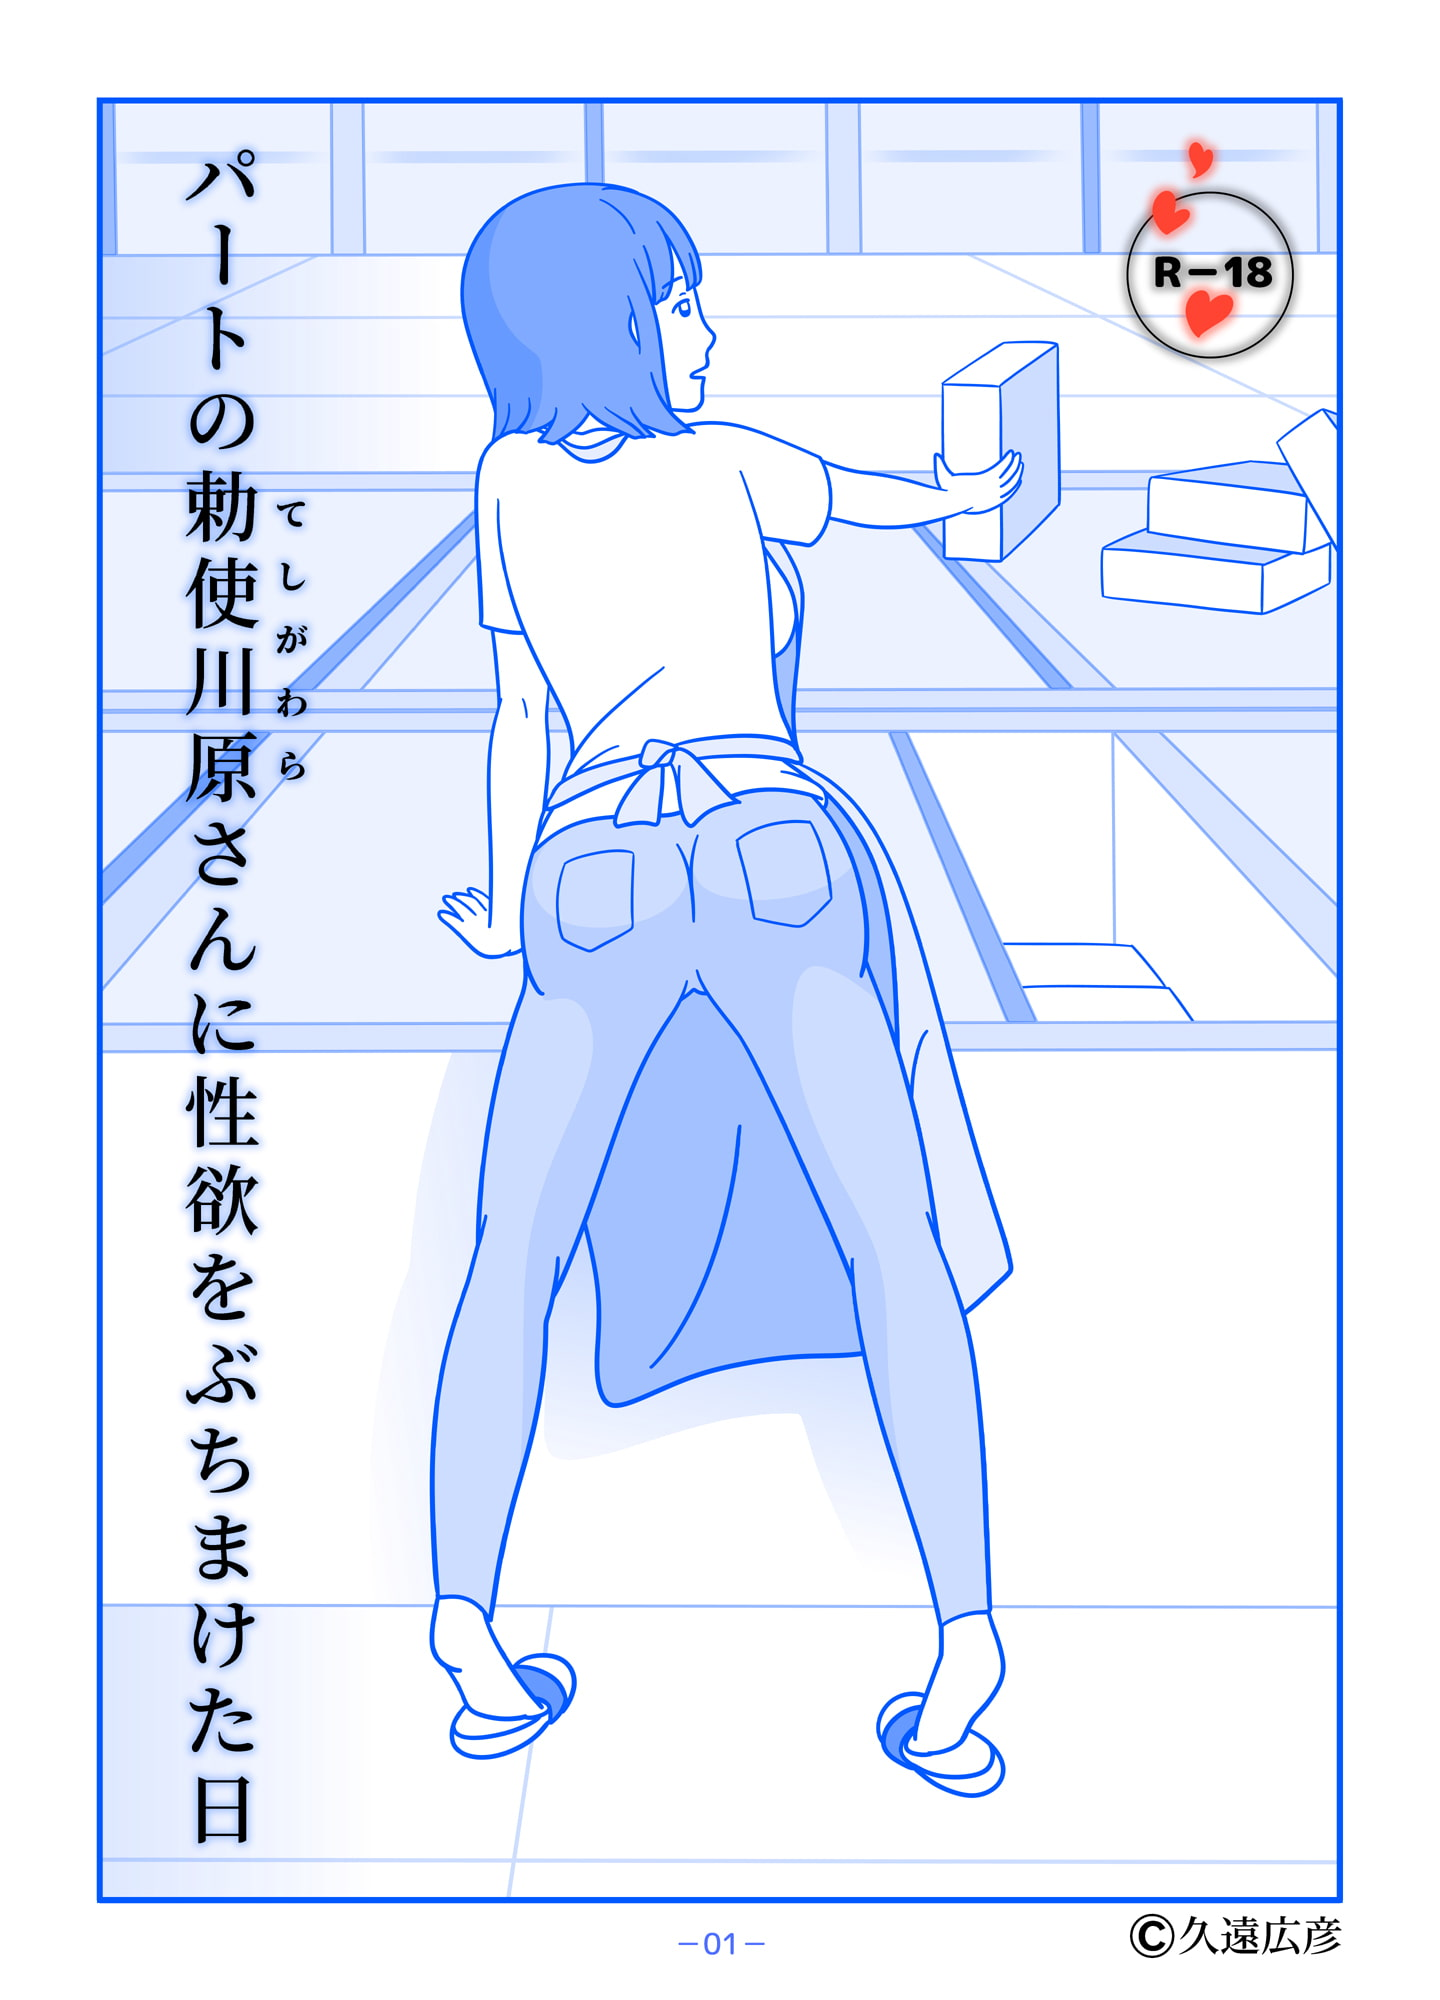 パートの勅使川原さんに性欲をぶちまけた日